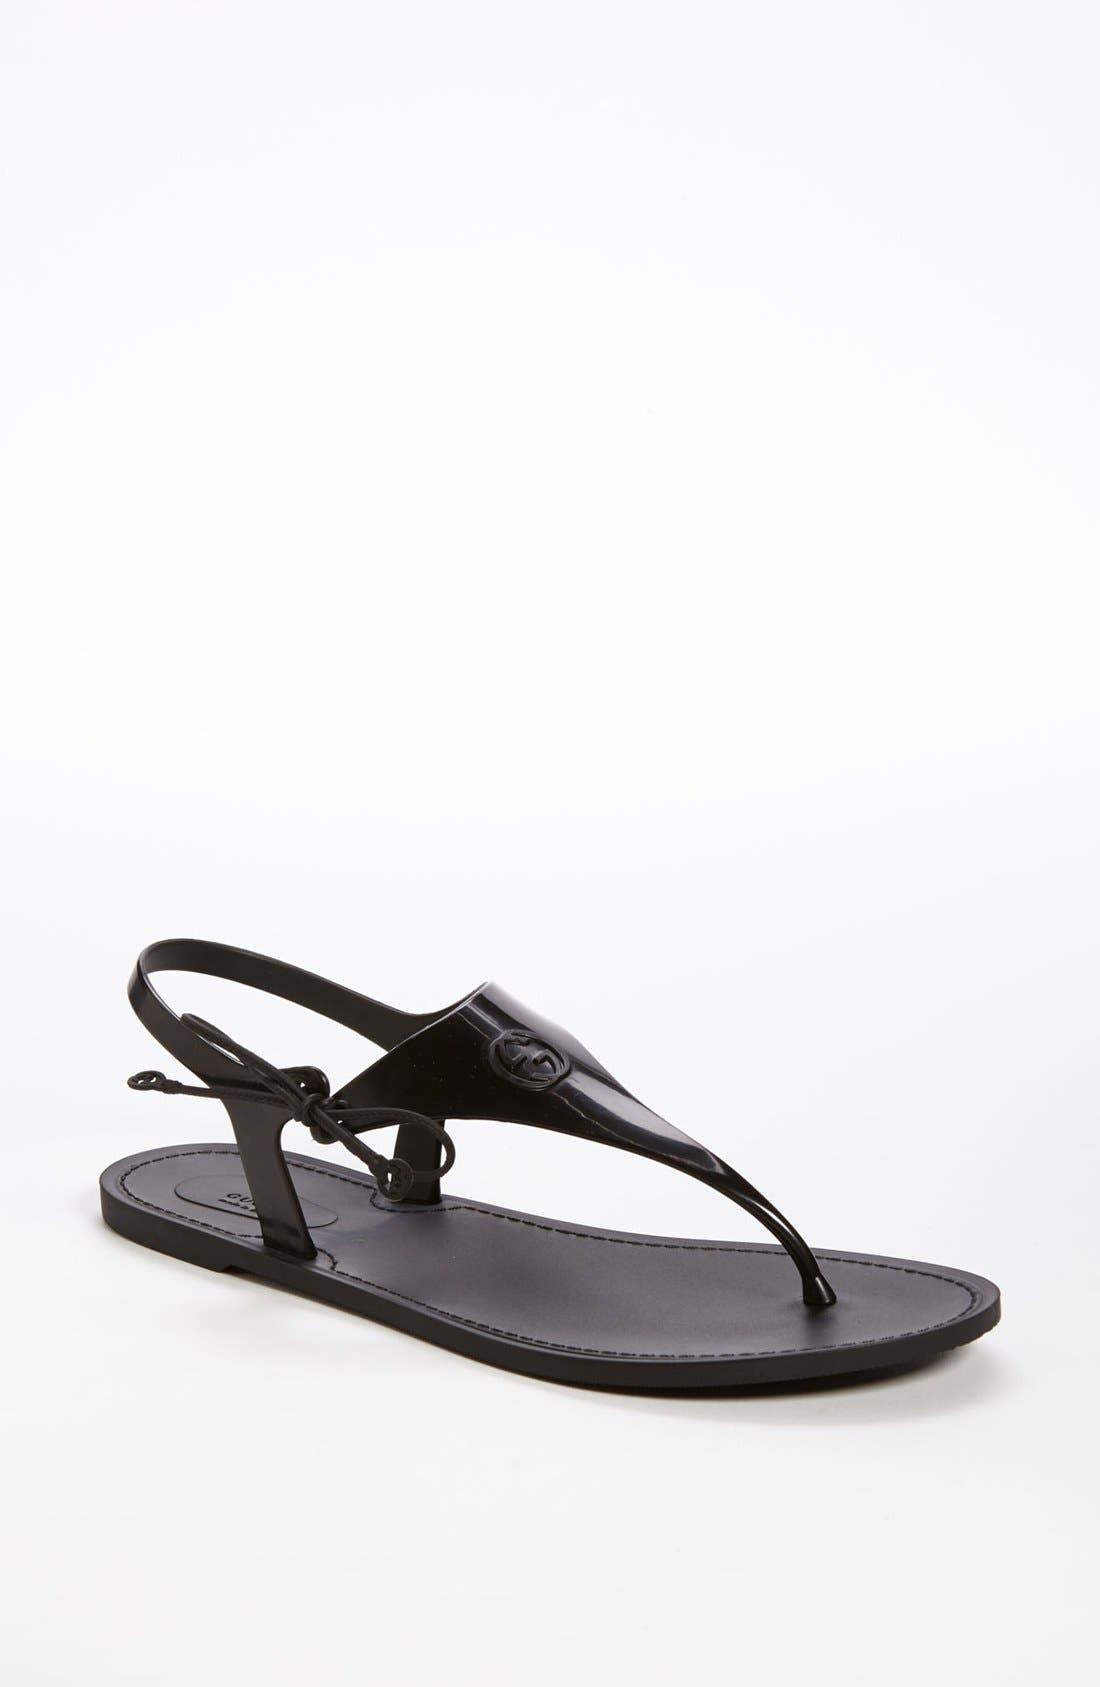 Main Image - Gucci 'Katina' Sandal